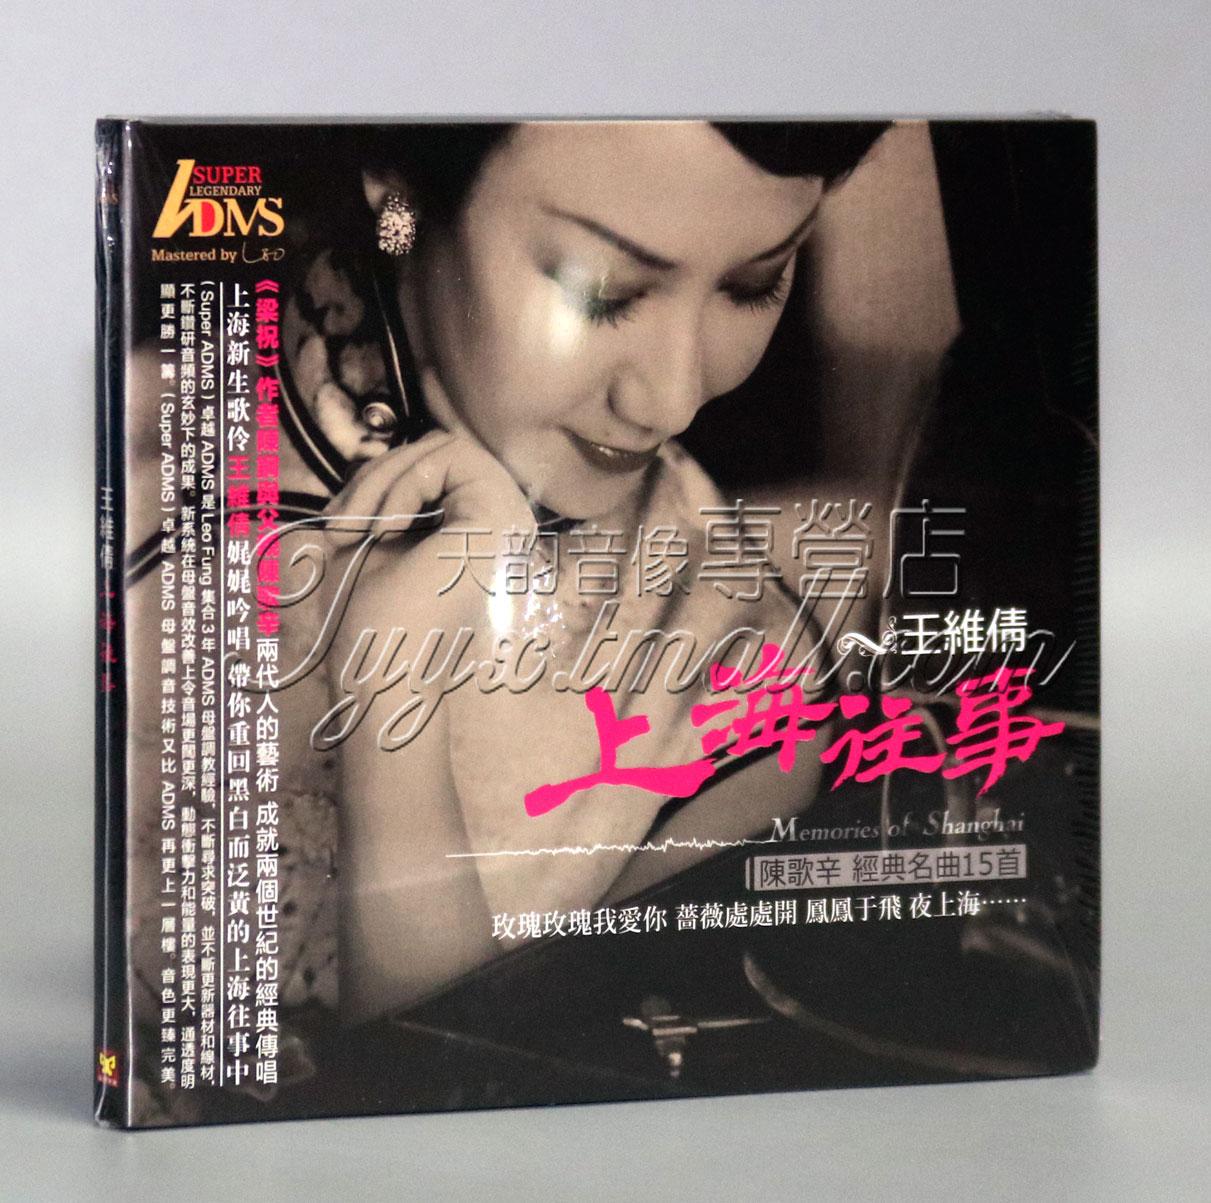 正版发烧 女中音 王维倩 上海往事1 ADMSCD 1CD